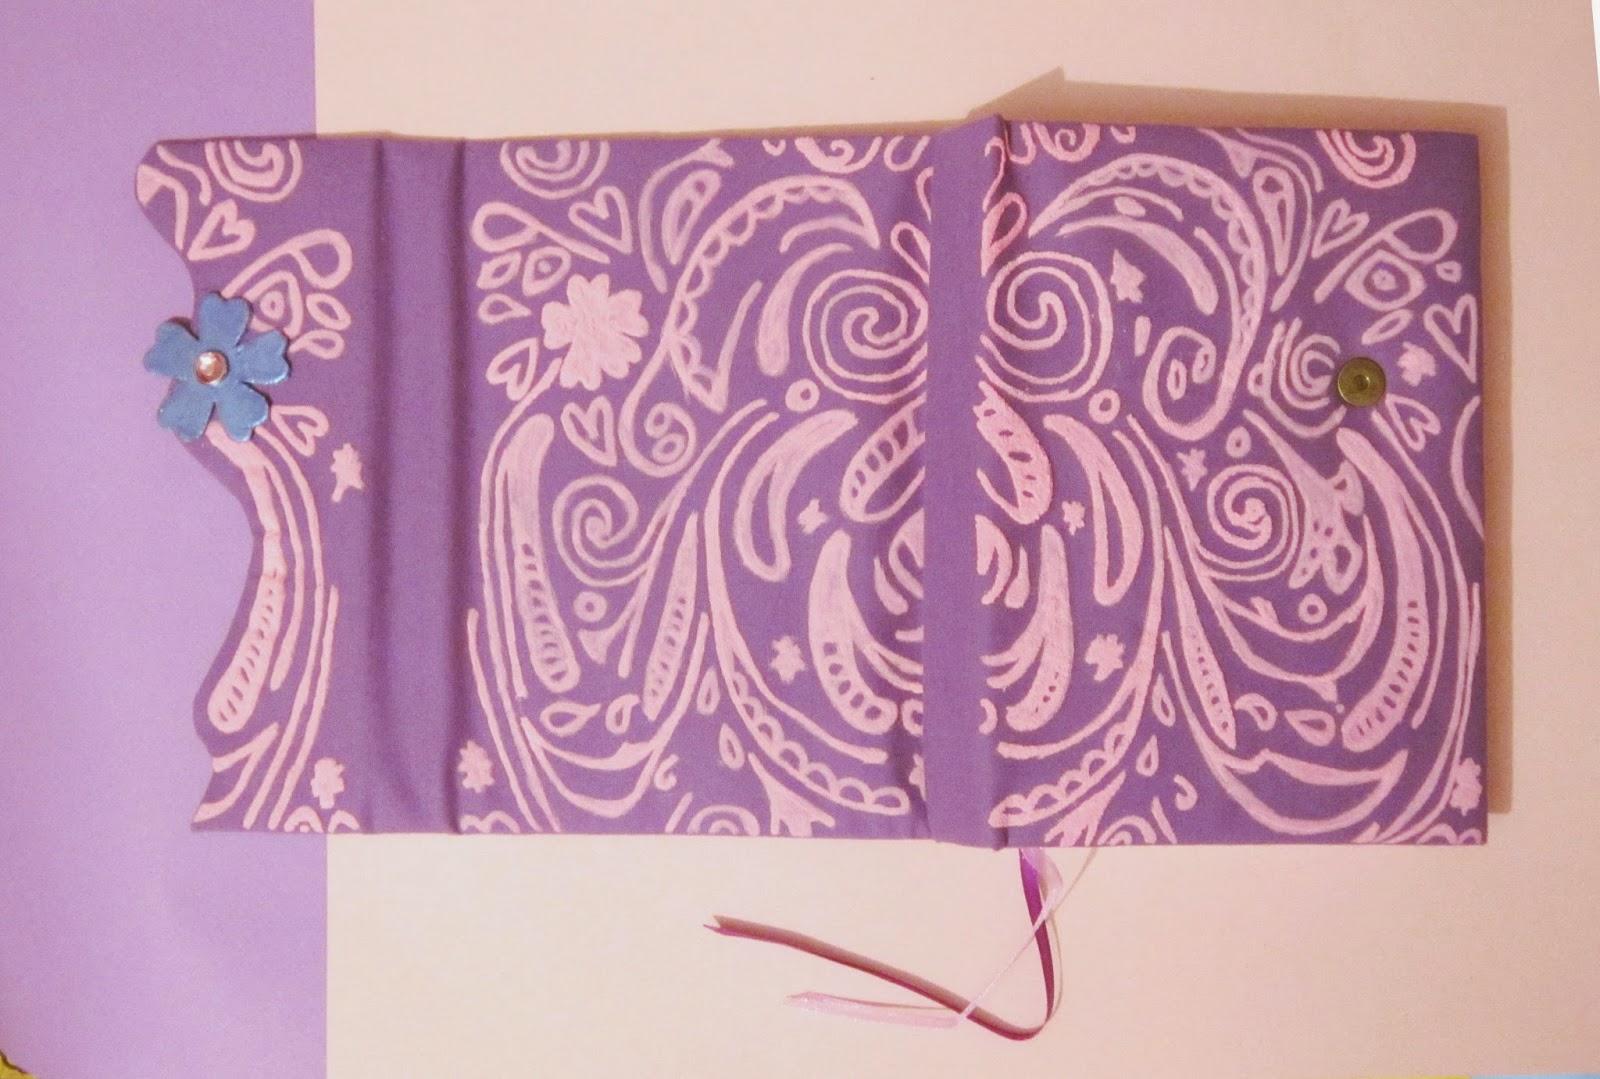 Как своими руками сделать дневник как у виолетты 5